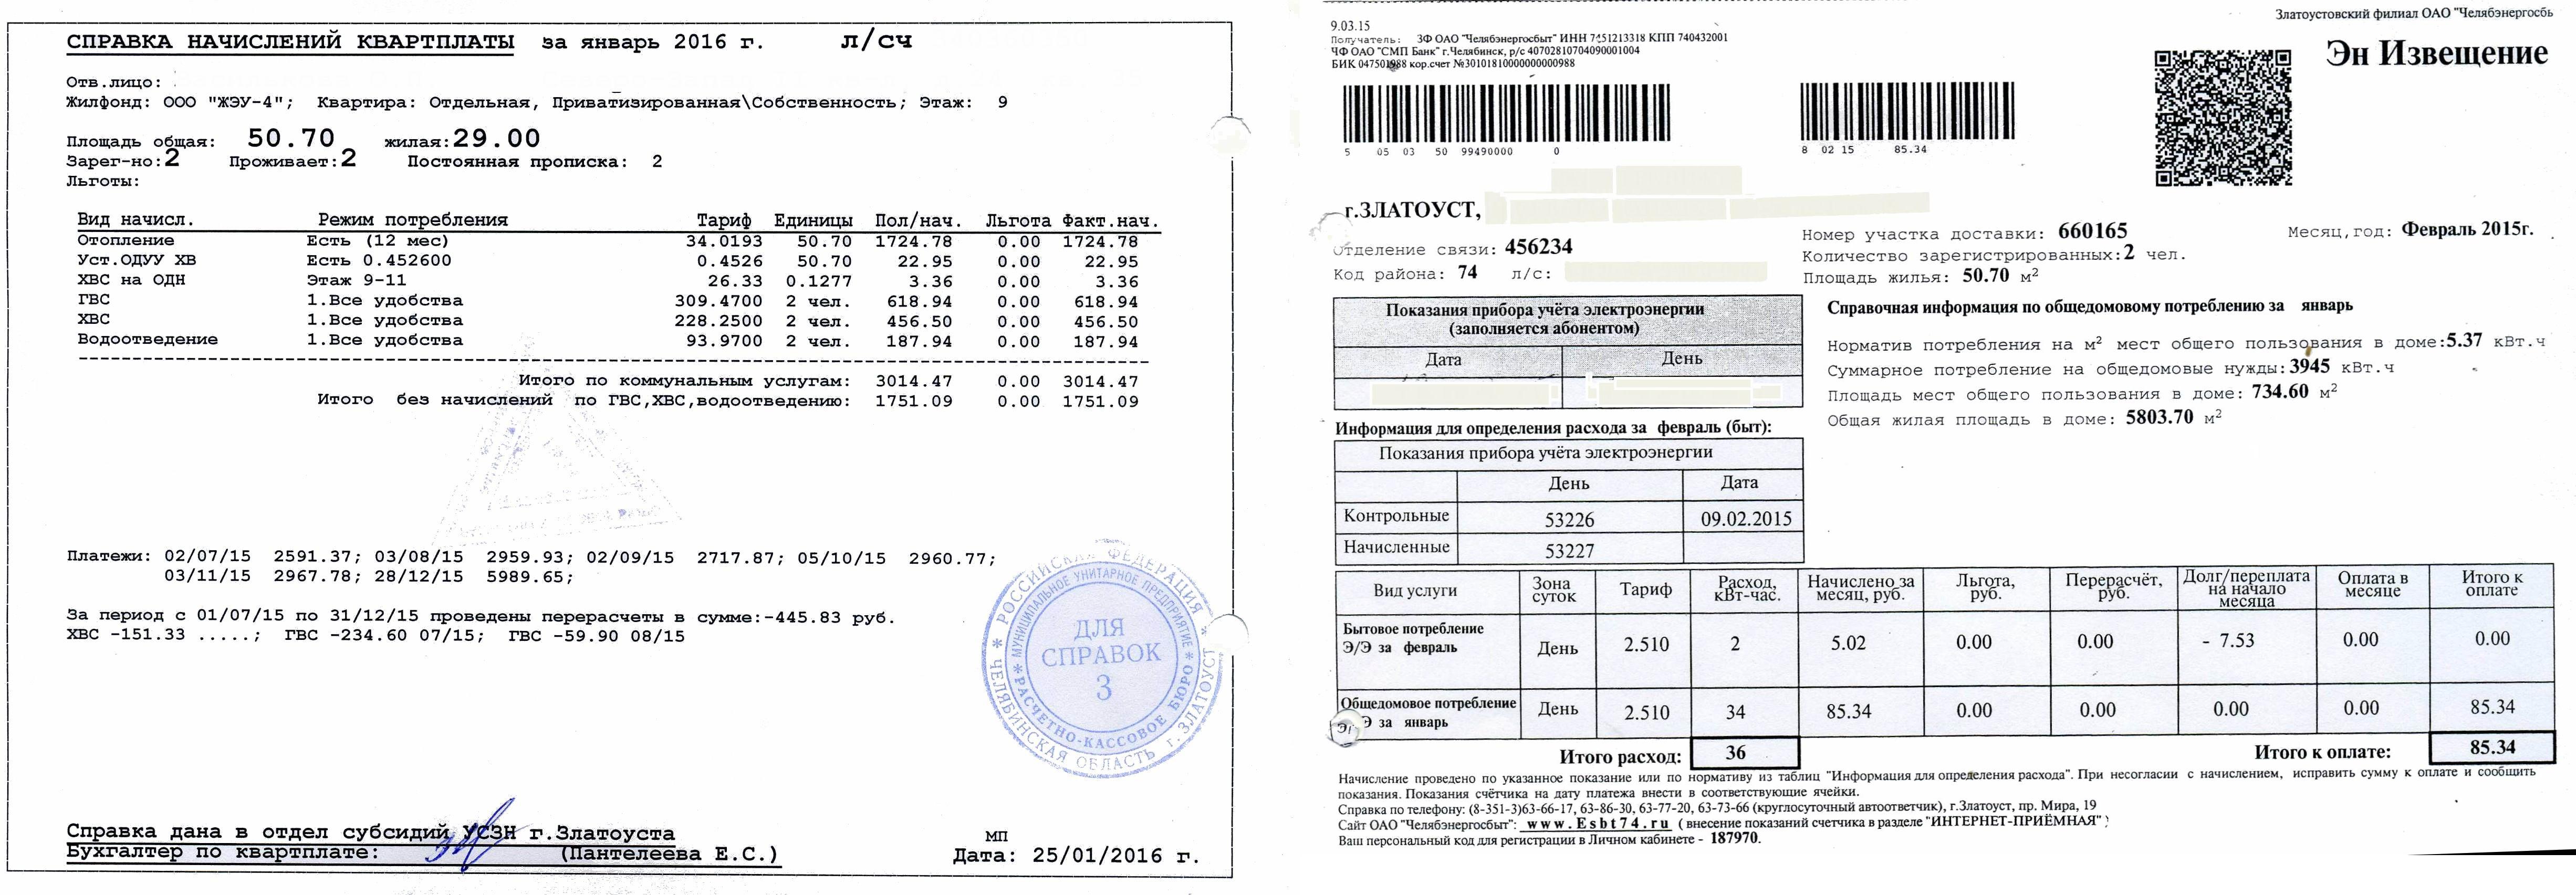 Изменения в с 01 2020 о выплатах коммунальных услуг педагогам